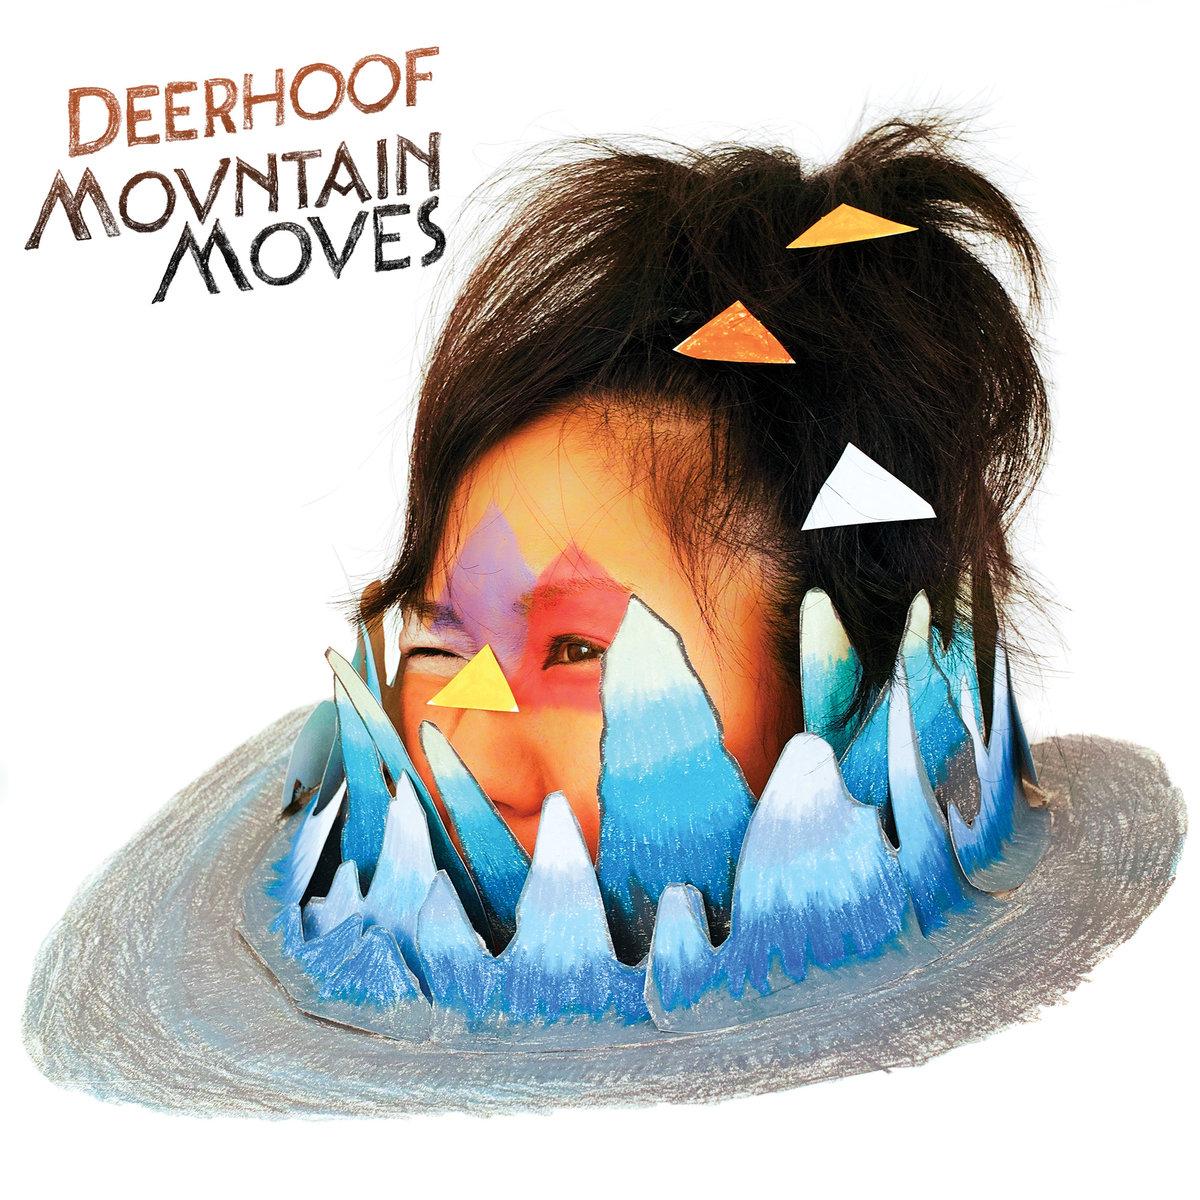 deerhoof cover.jpg